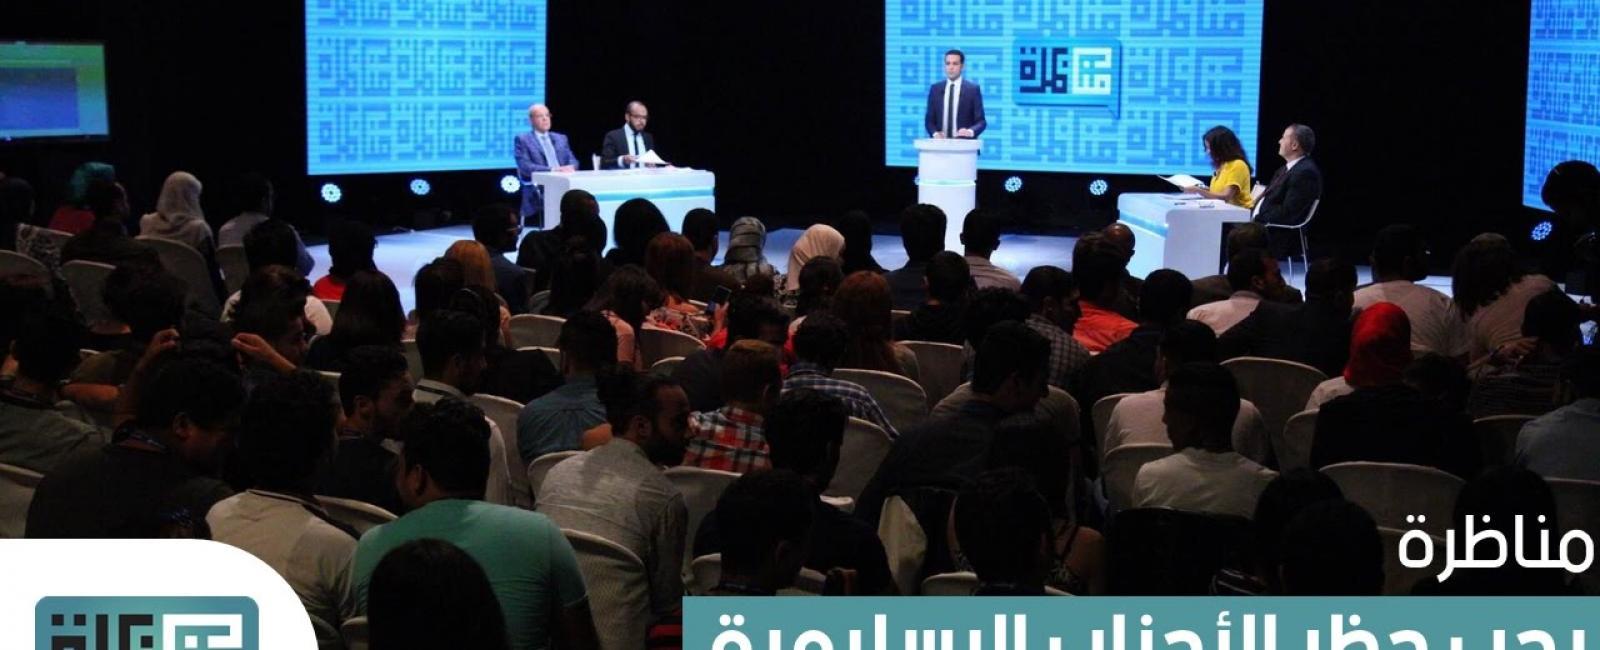 """مناظرة: """"يجب حظر الأحزاب الإسلامية"""" #DD23"""